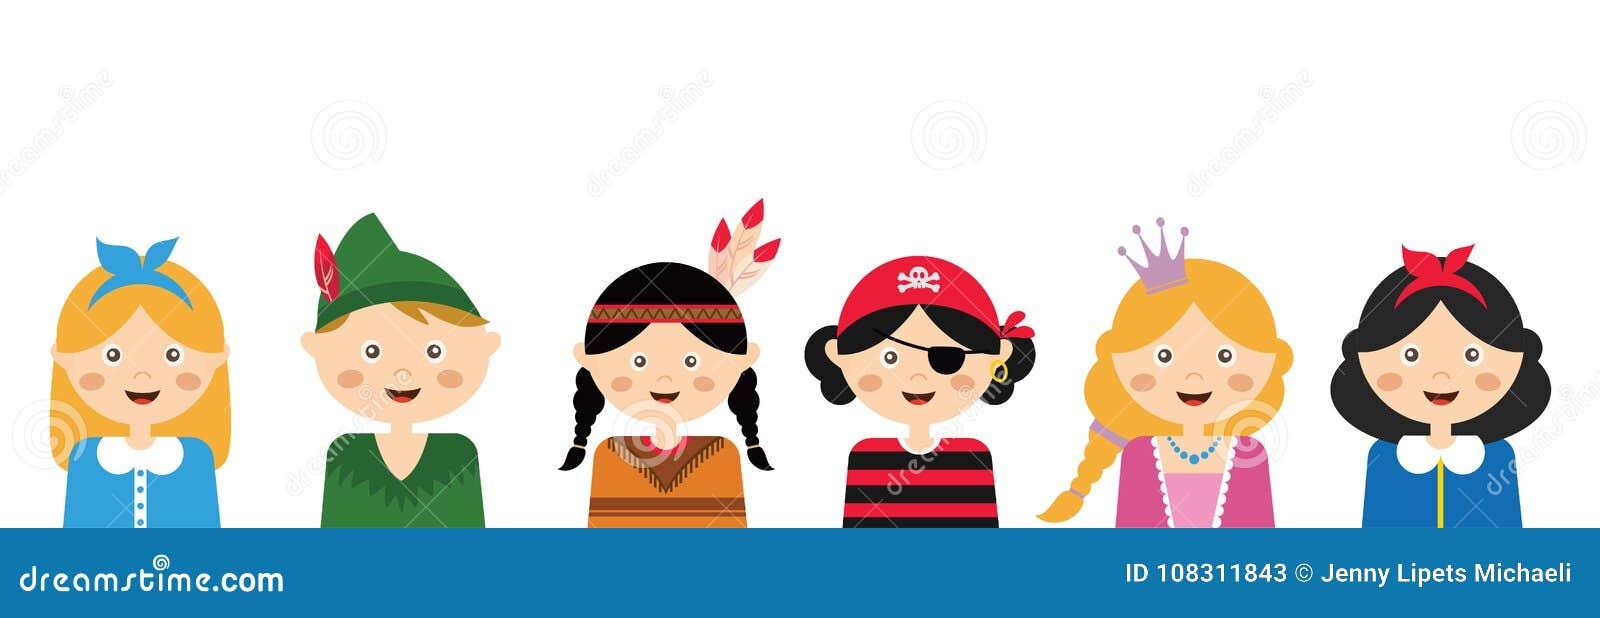 Enfants utilisant différents costumes calibre de bannière